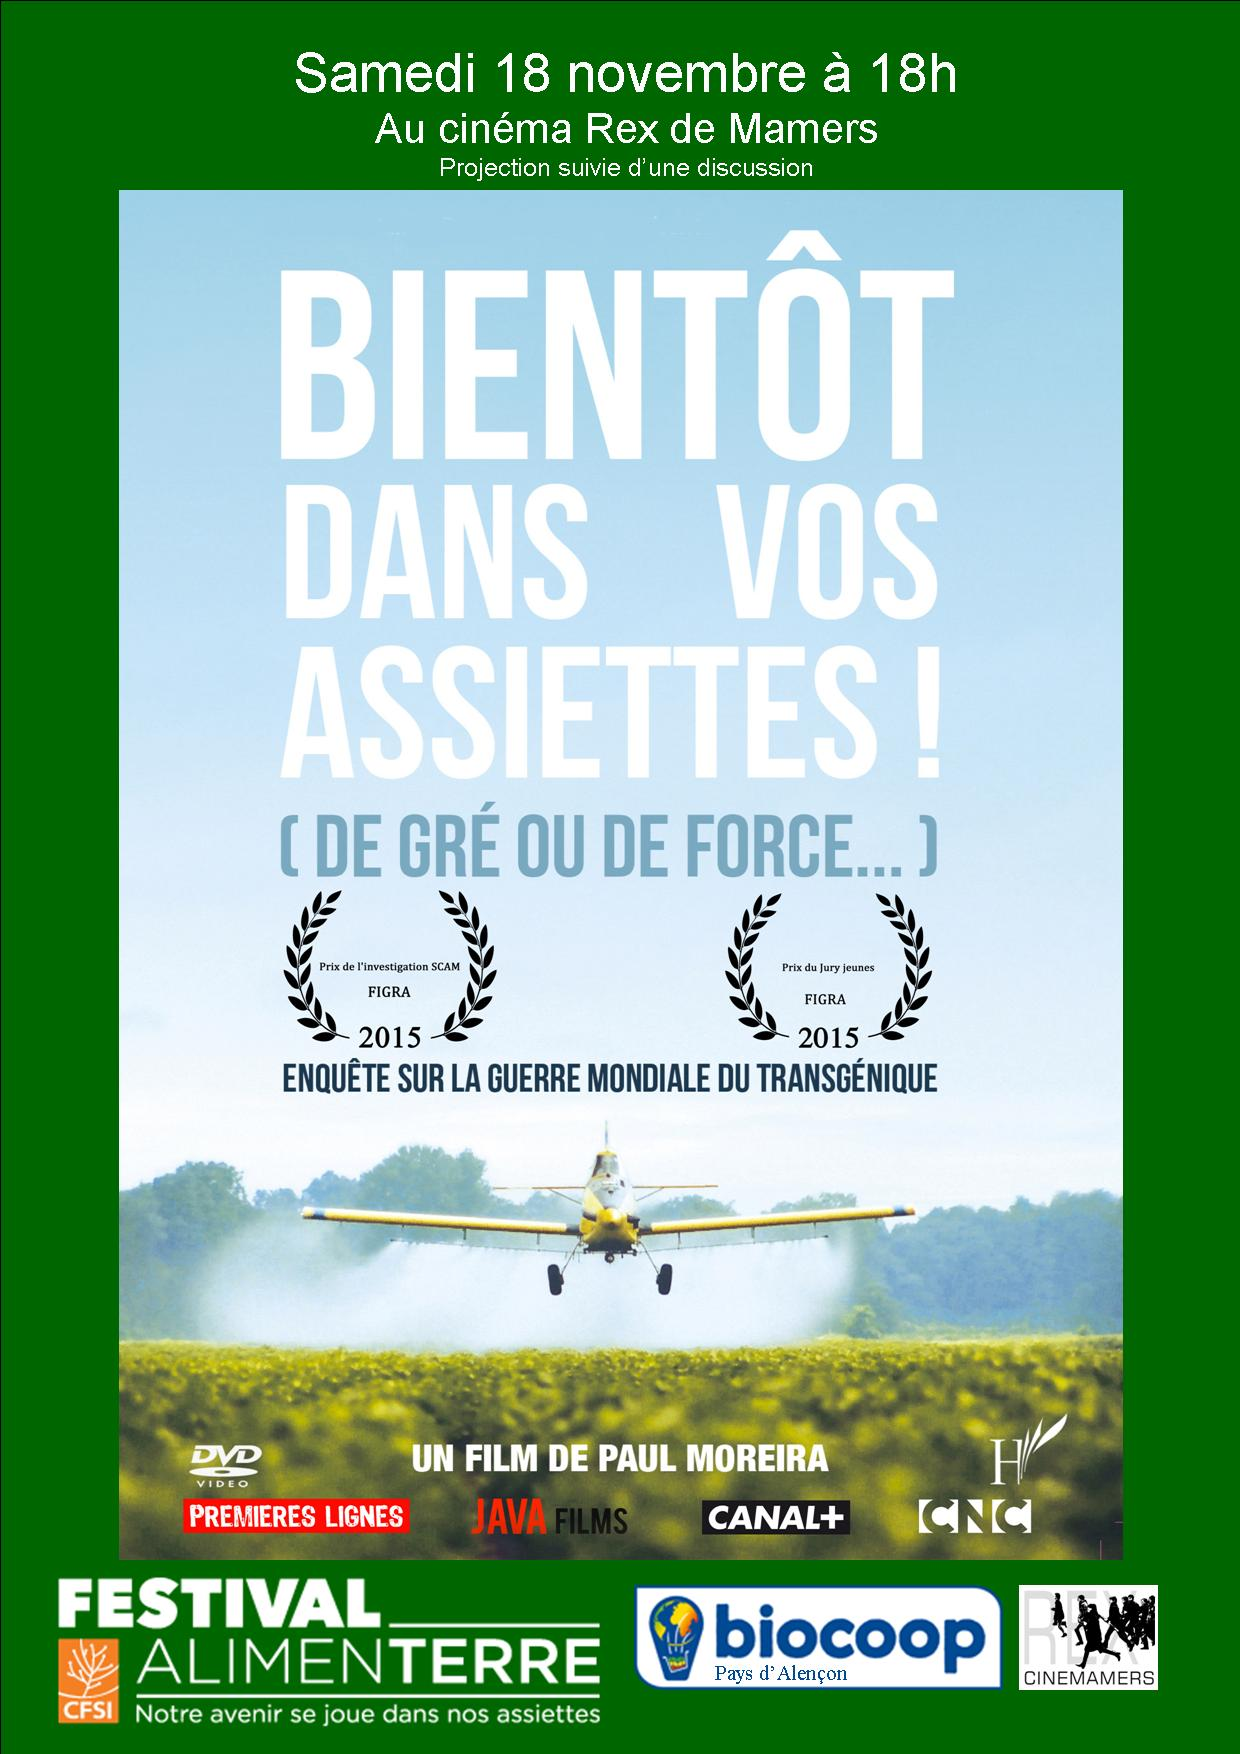 bientot_dans_vos_assiettes.jpg